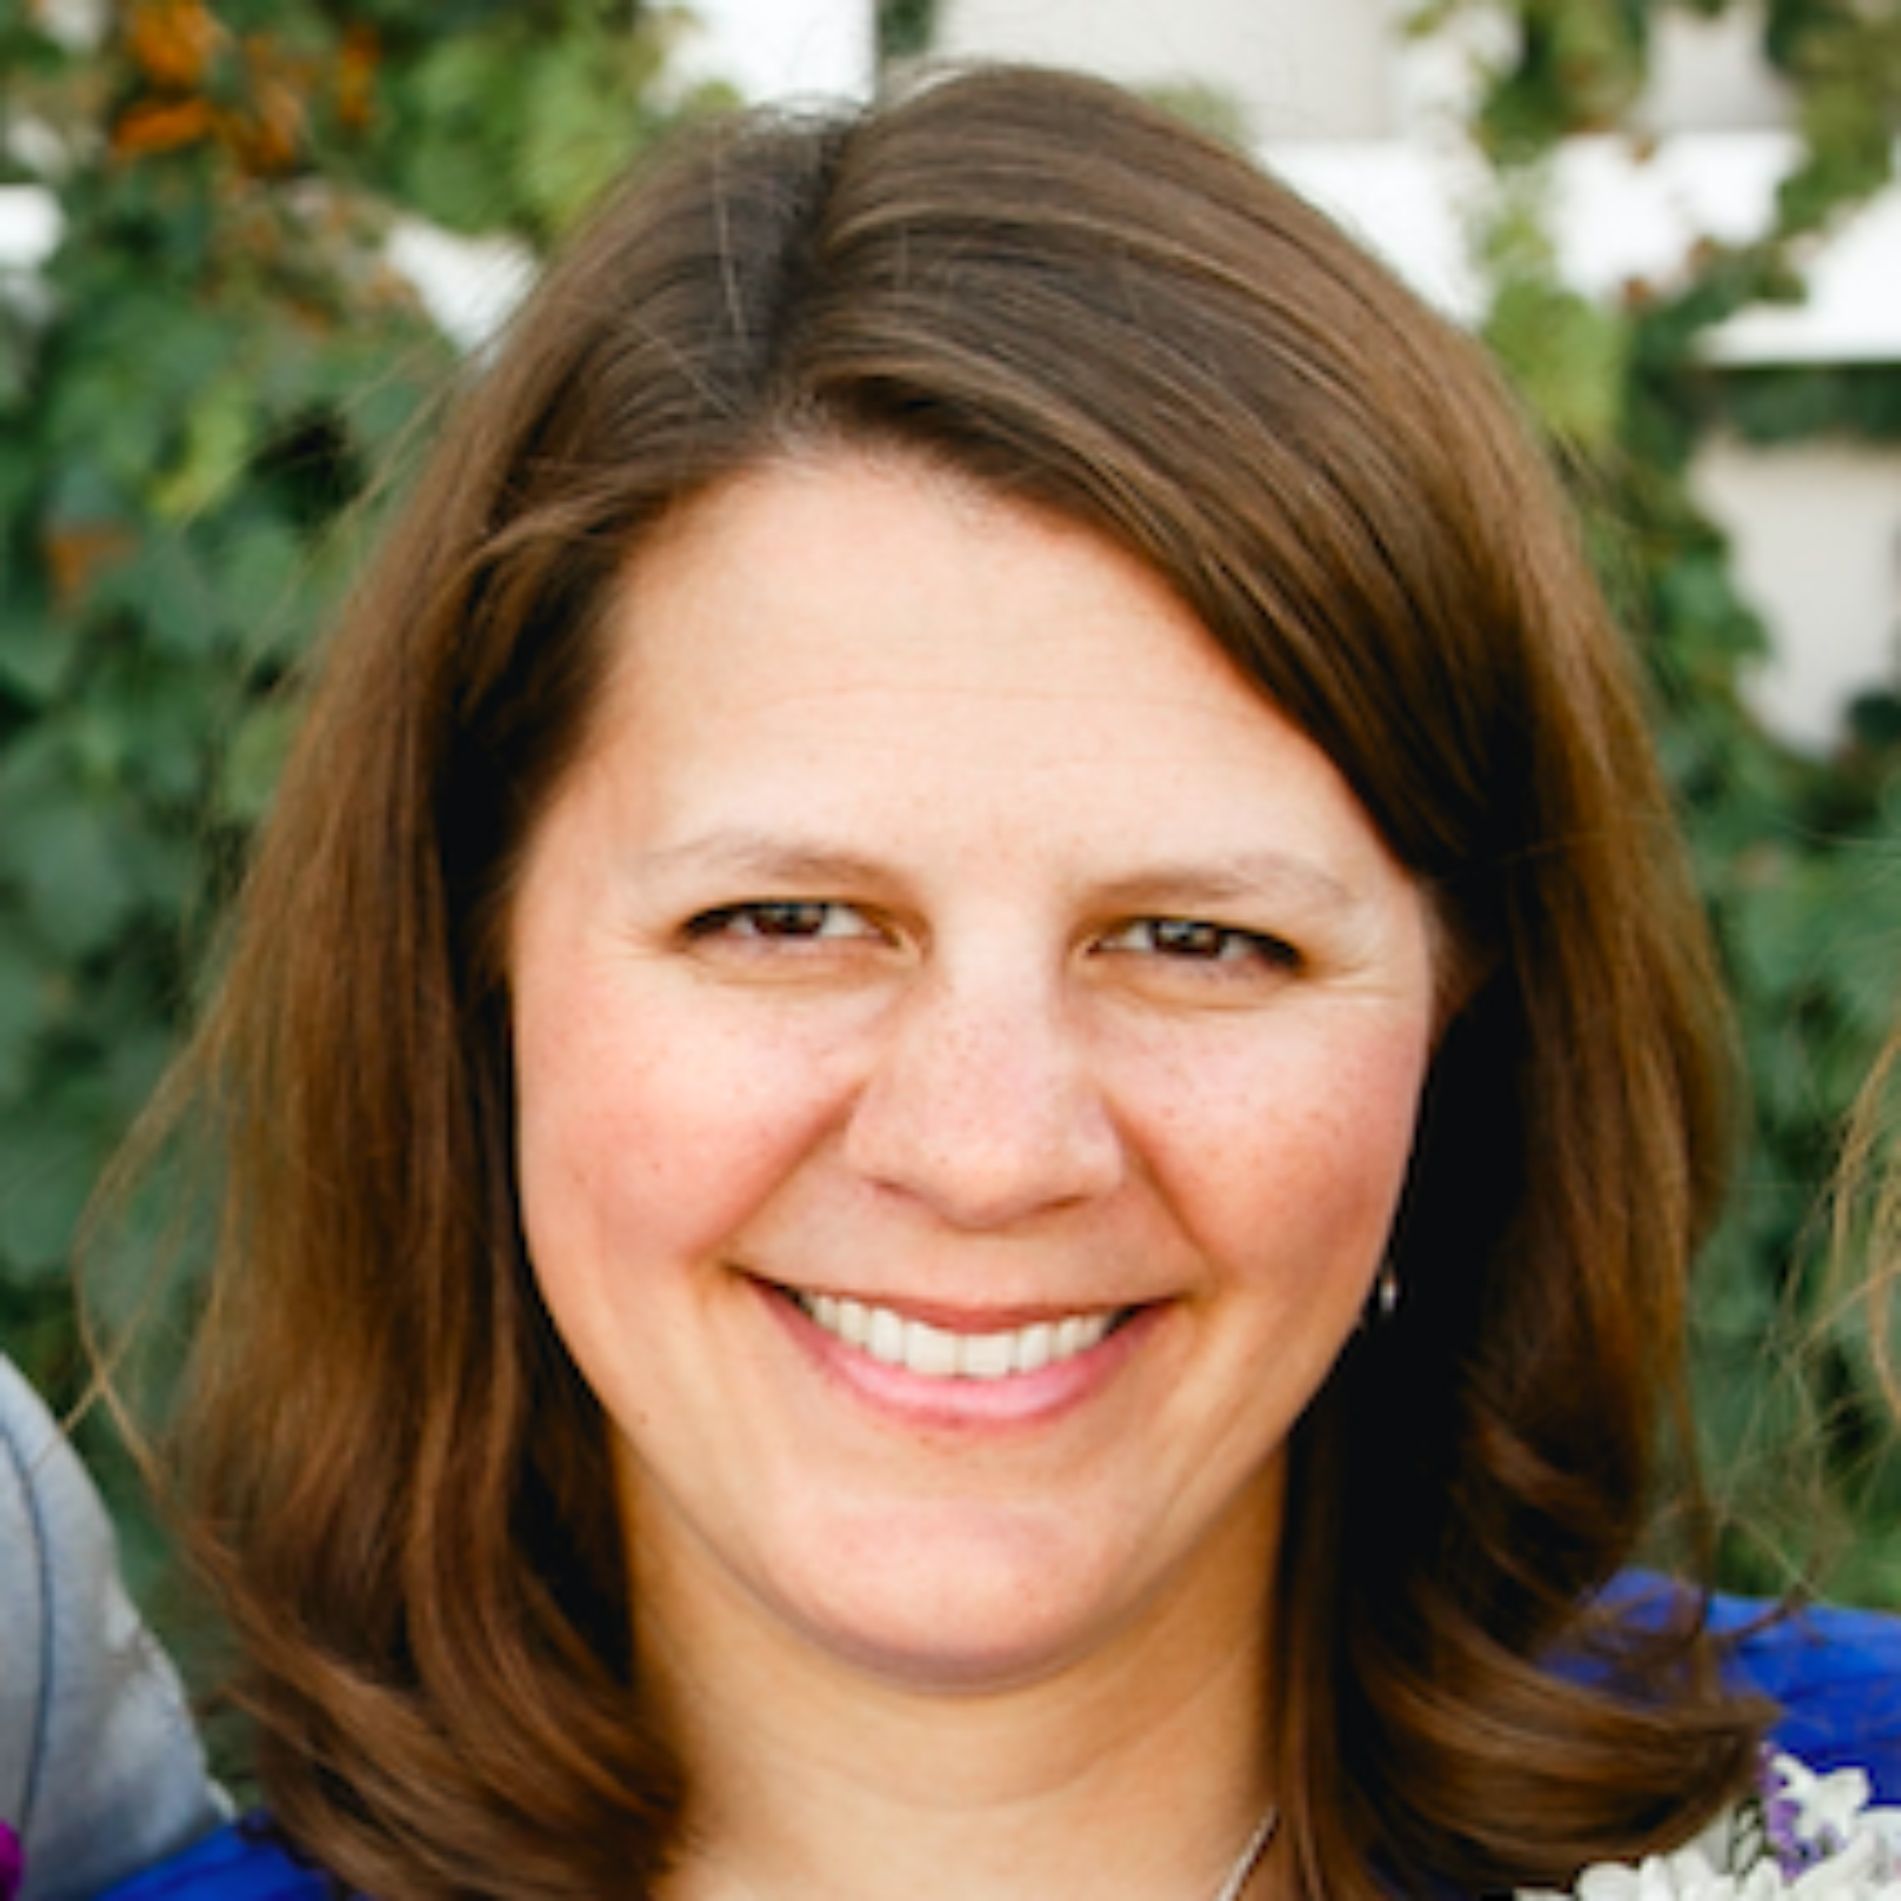 Lisa Schoen